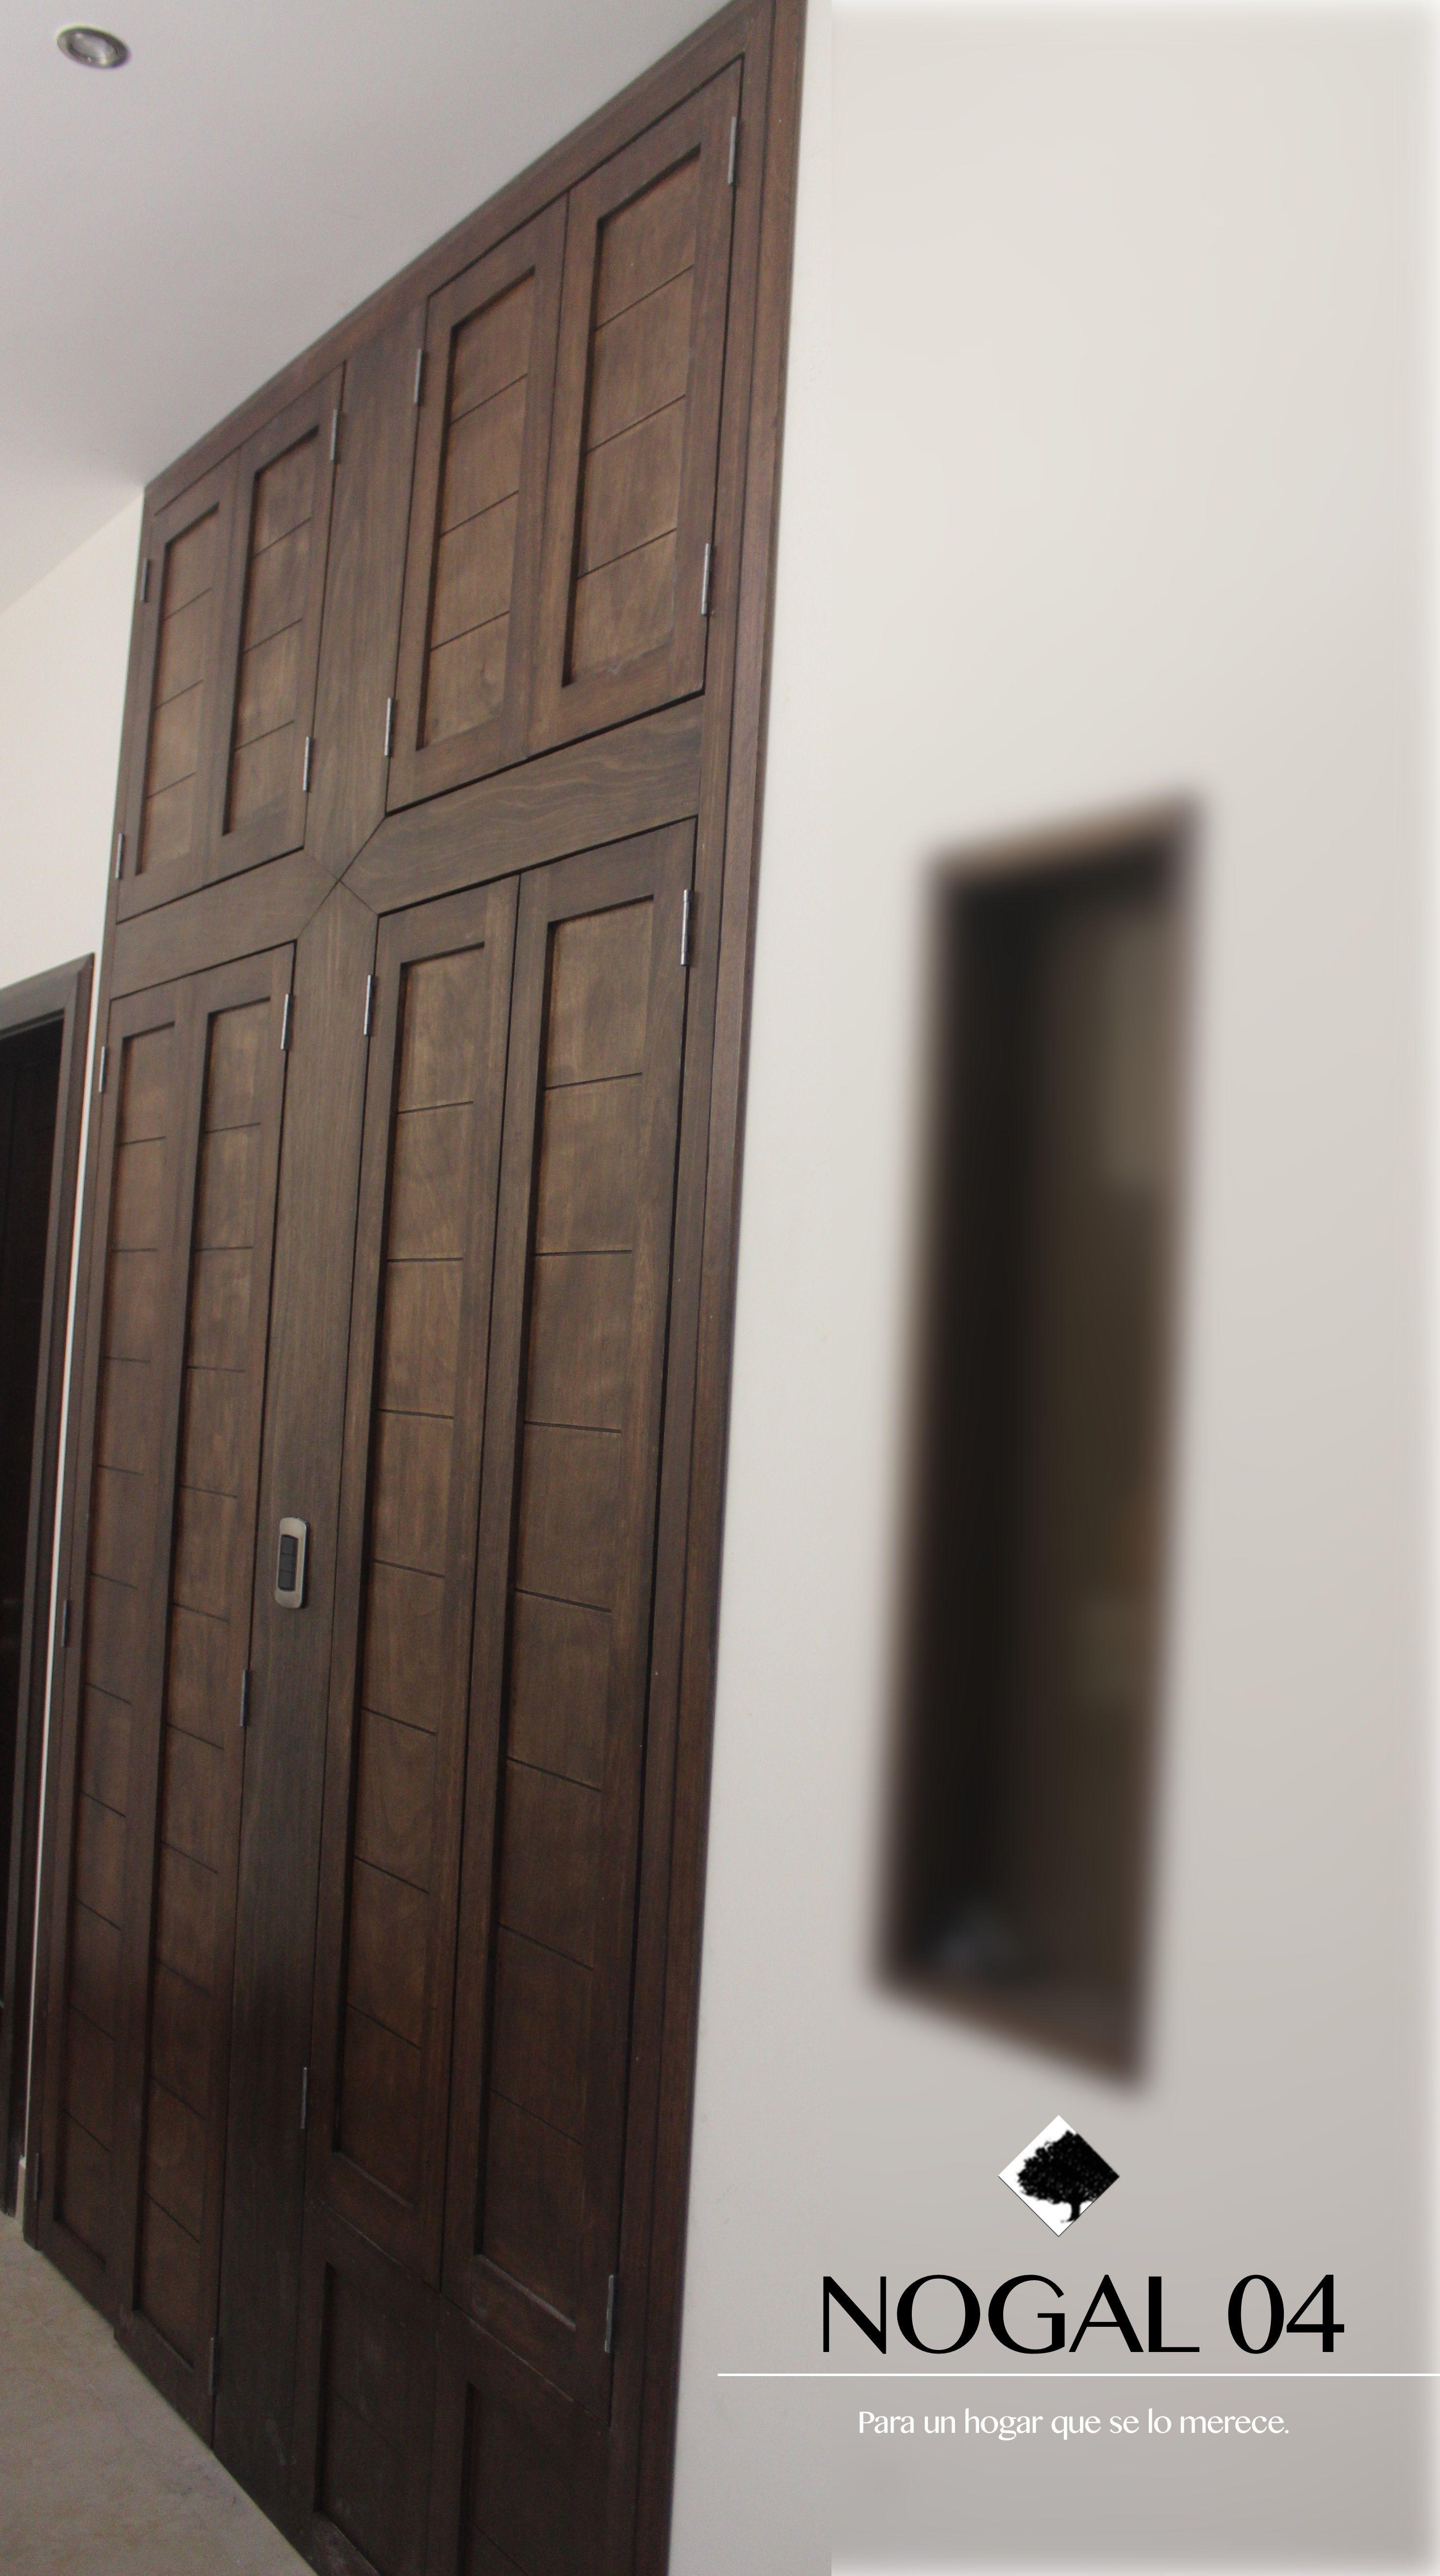 Mueble en madera de nogal puertas de lavabo y zinc for Muebles contemporaneos monterrey